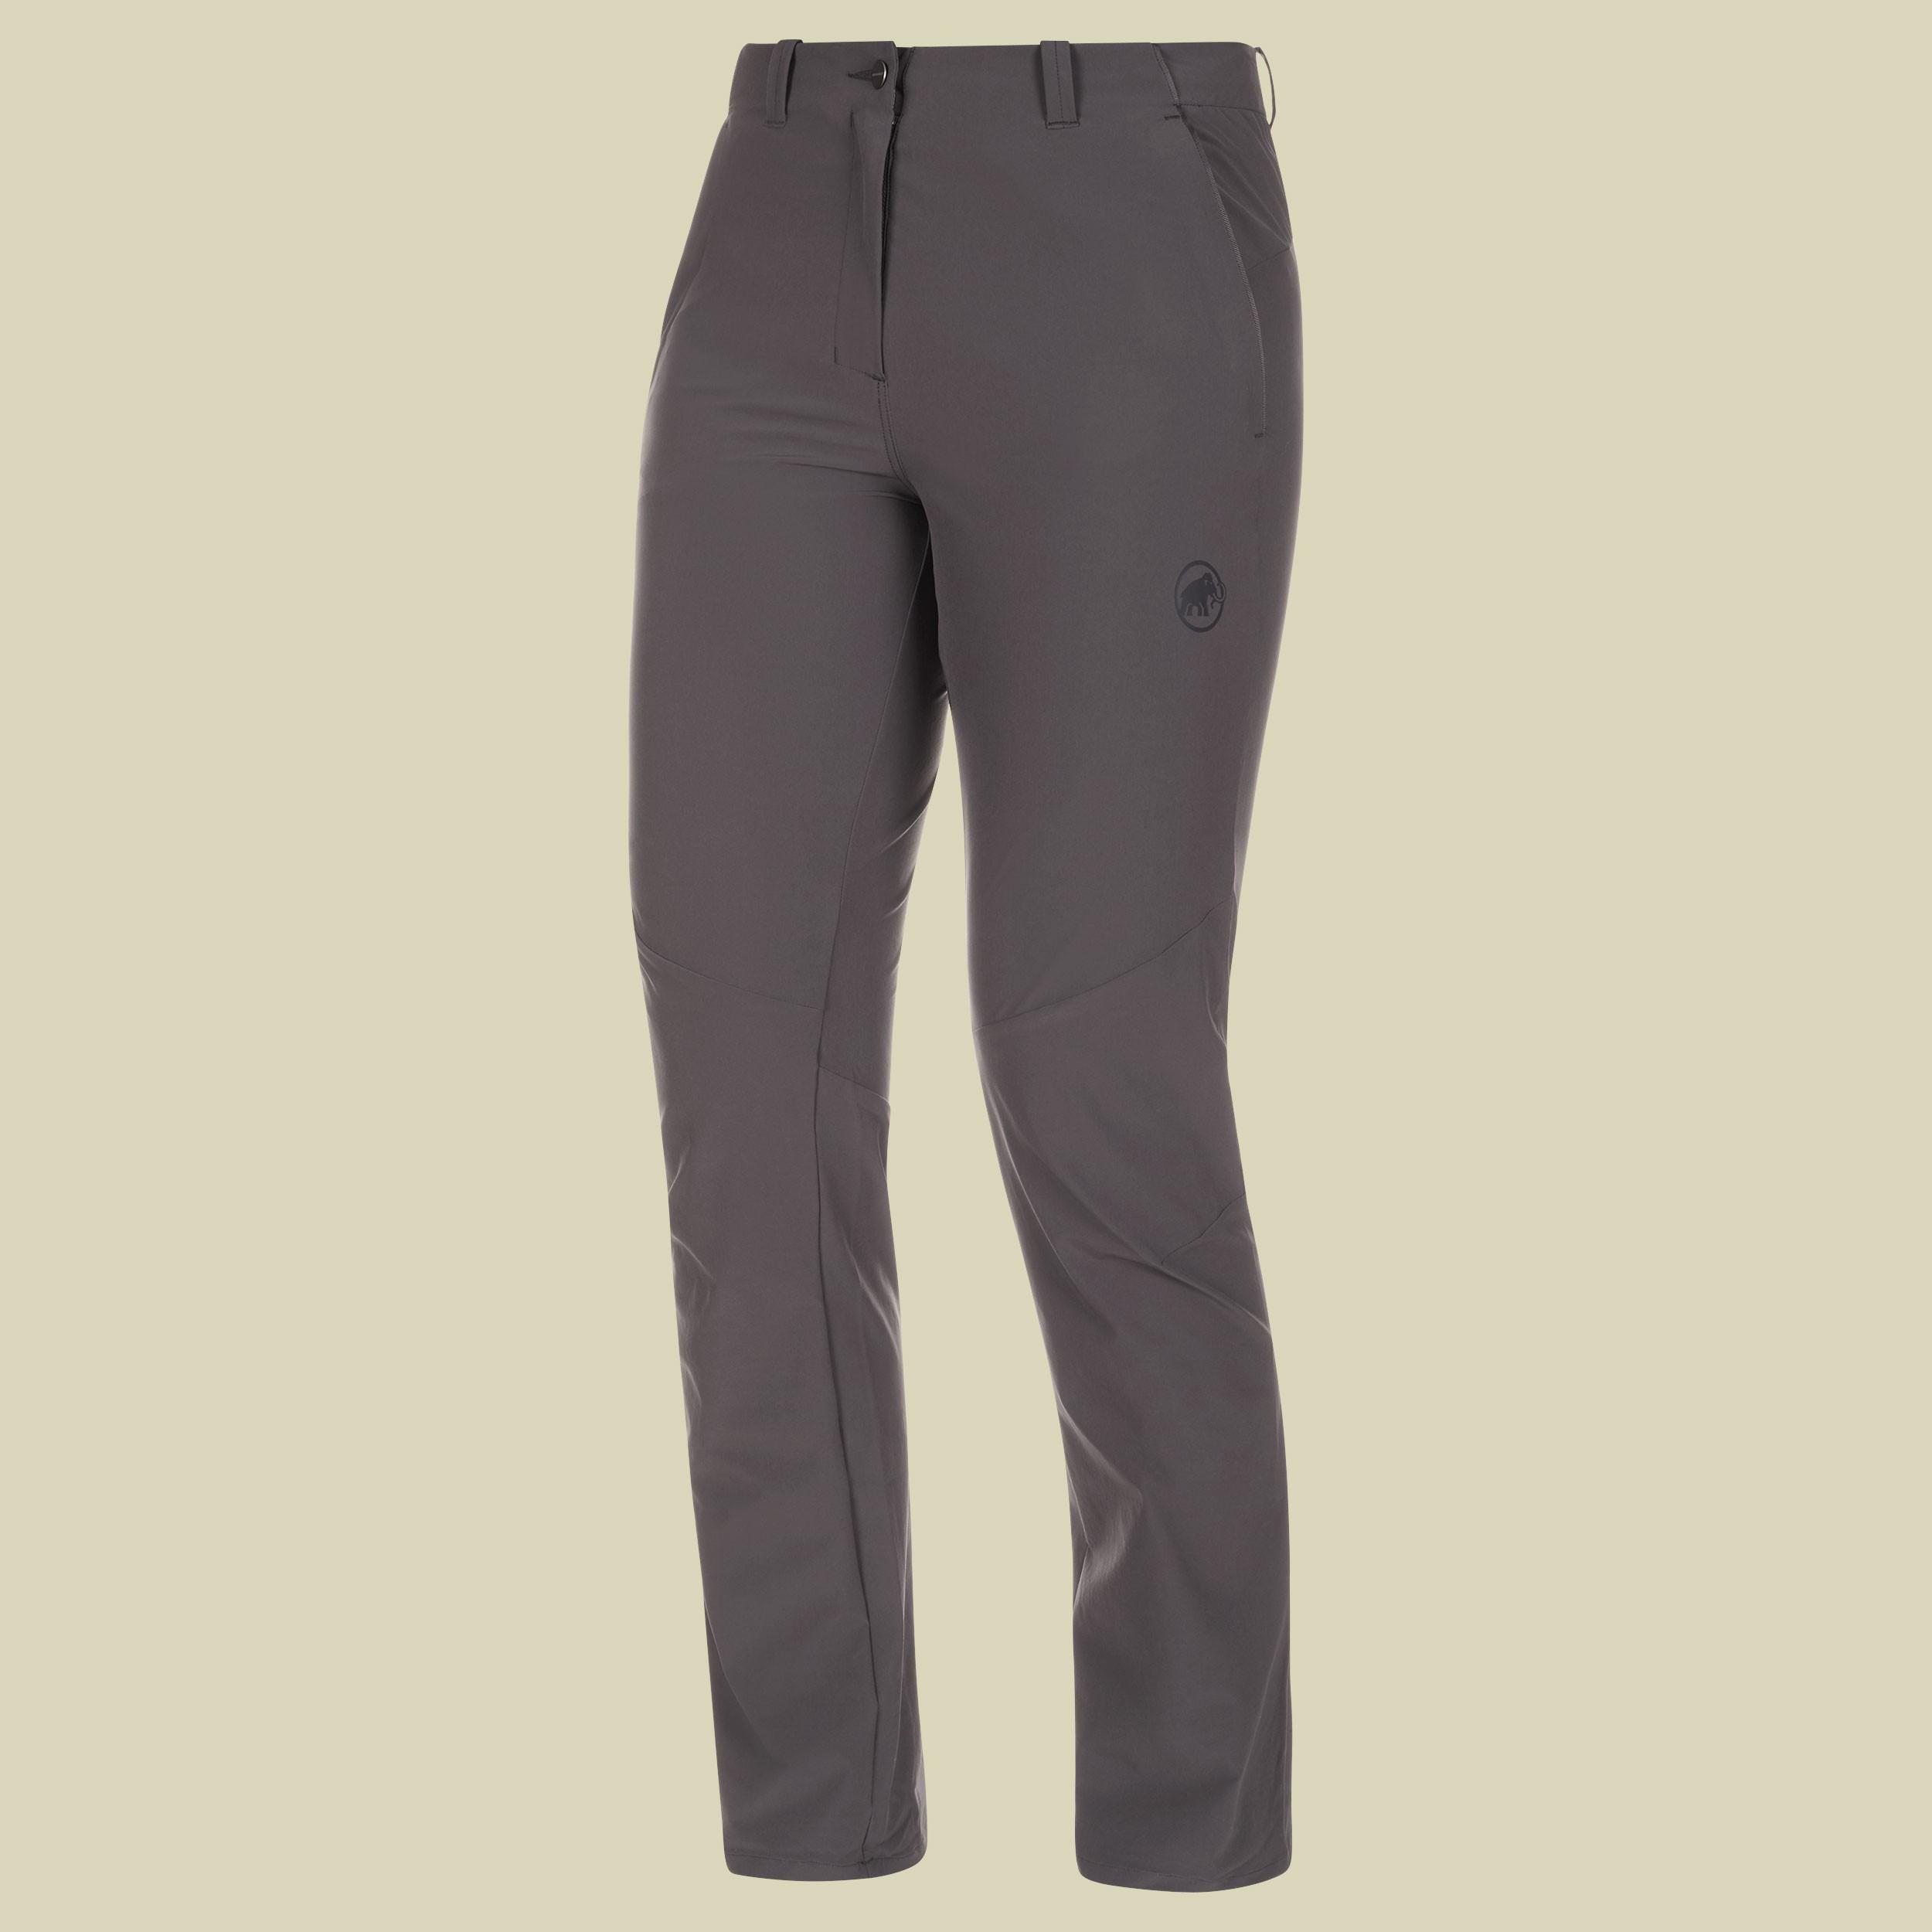 Runbold Pants Women